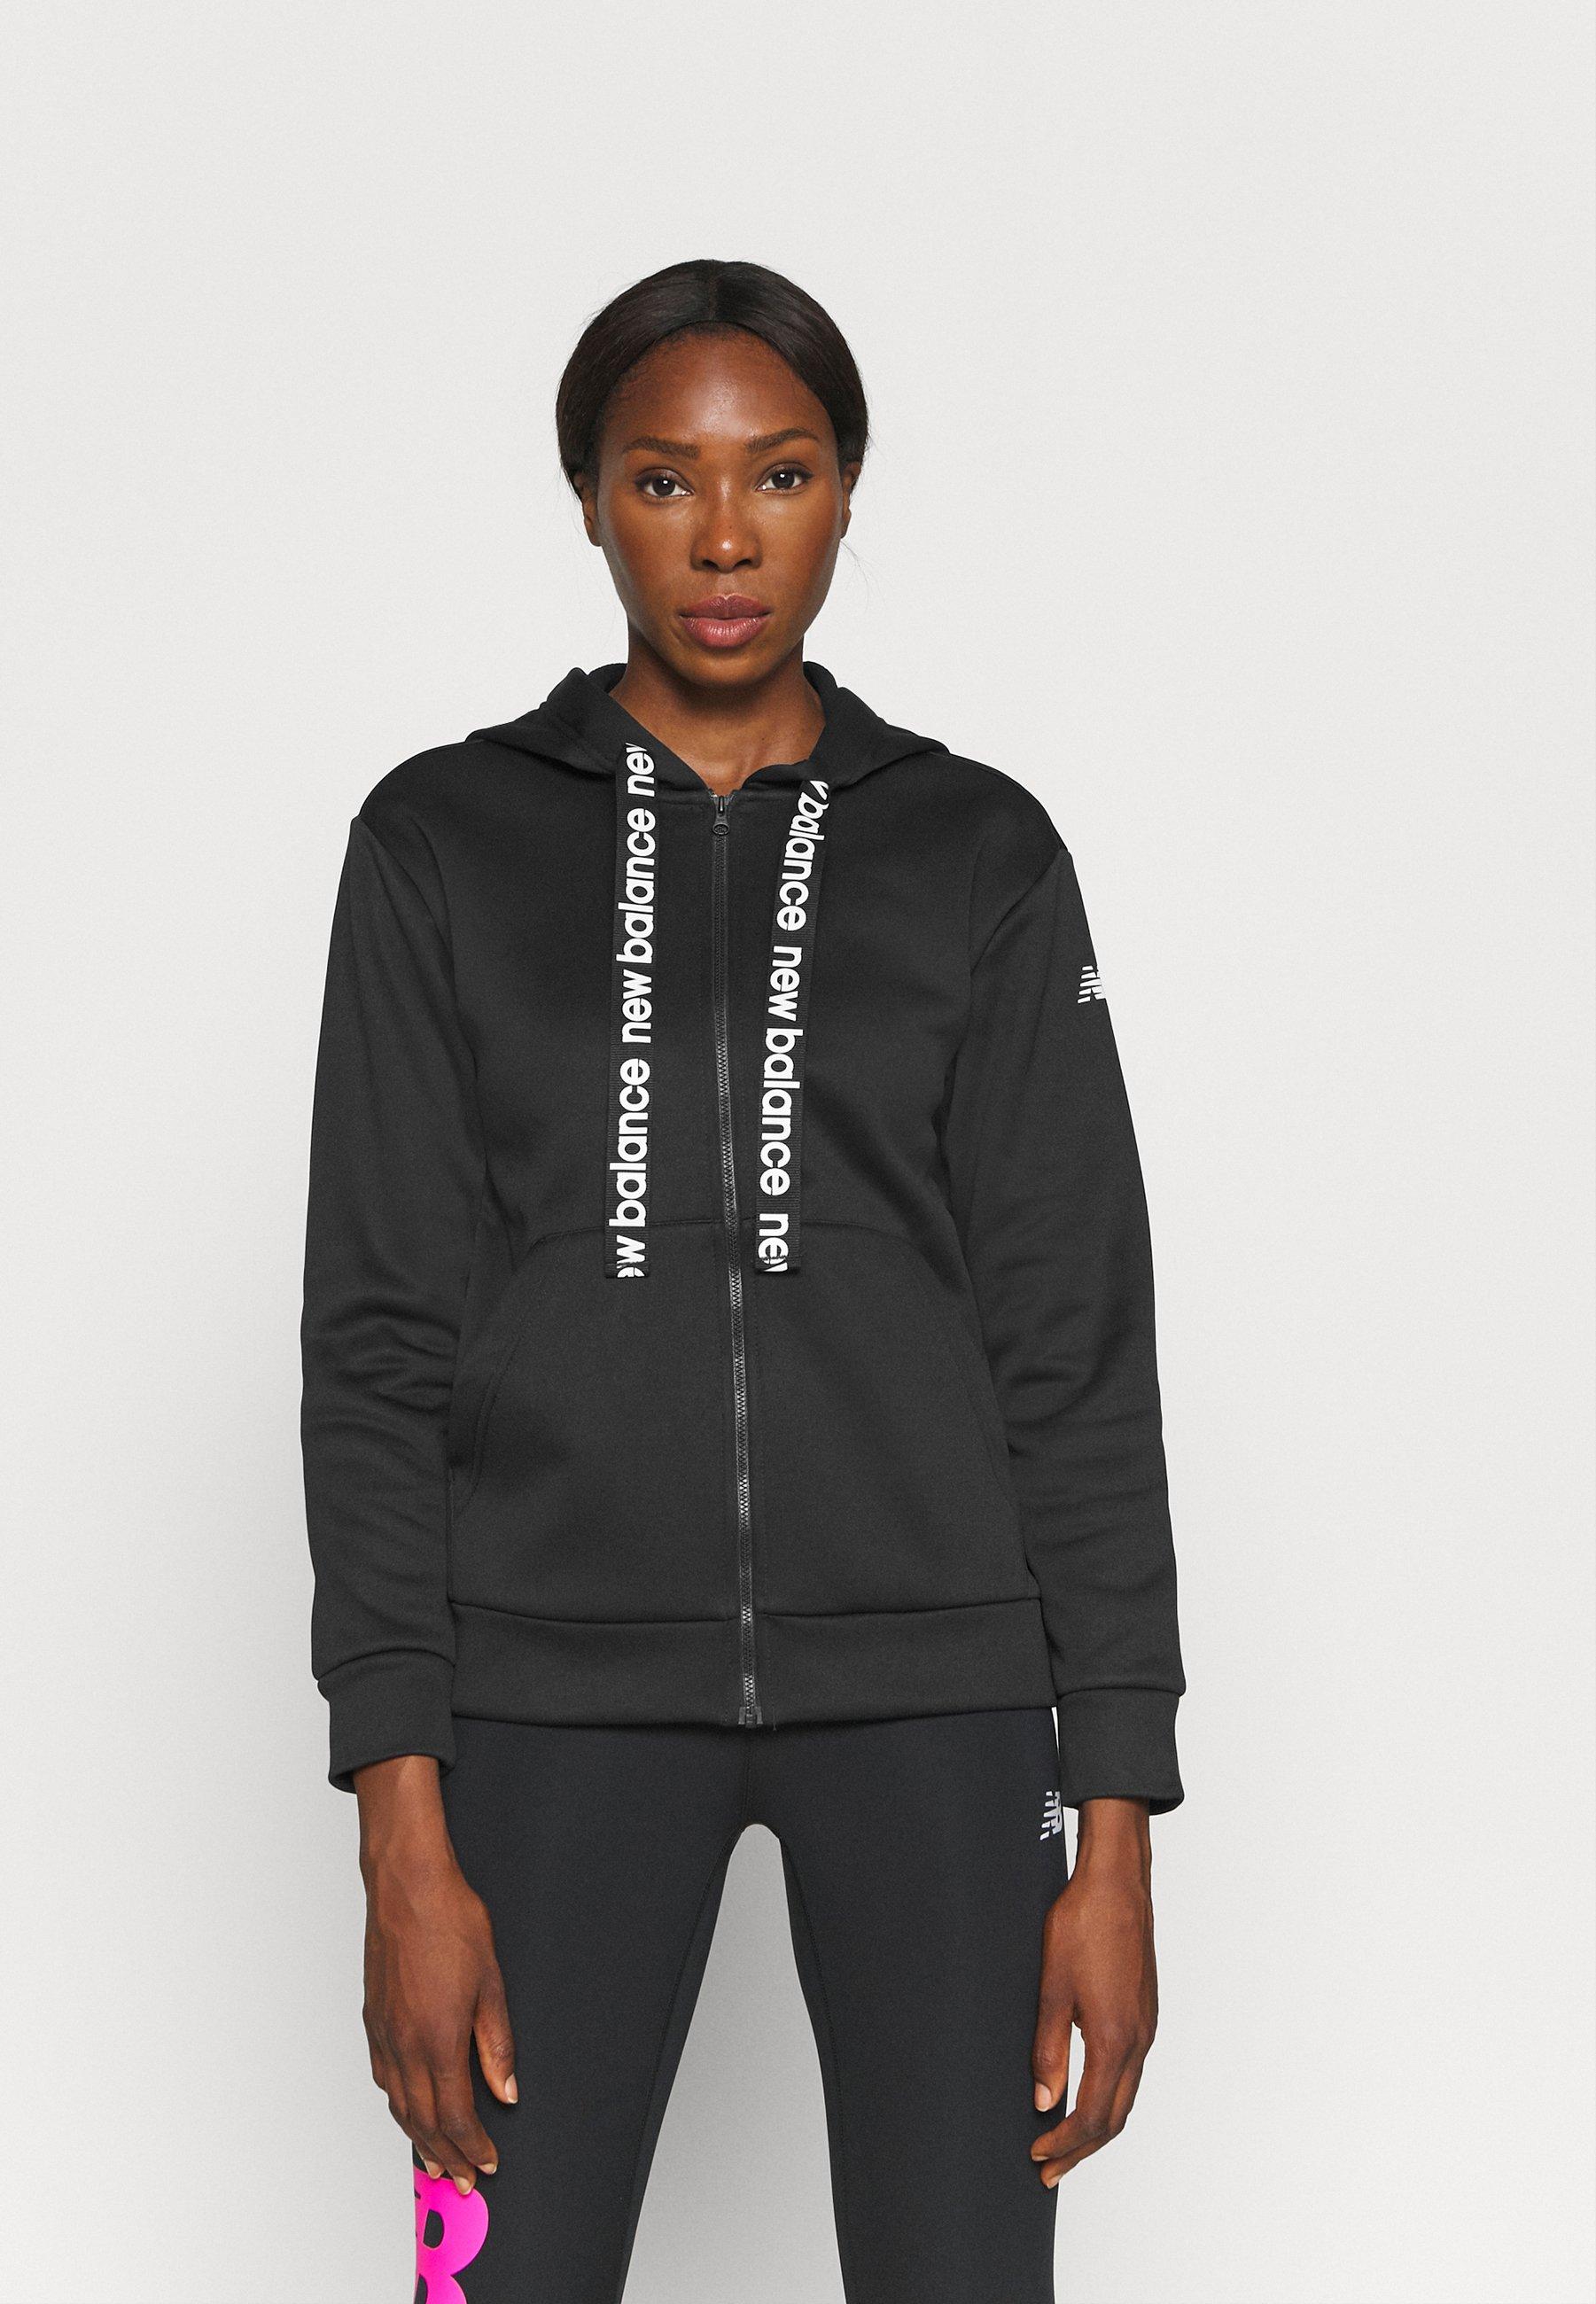 Women RELENTLESS TRAIN FULL ZIP - Zip-up sweatshirt - black